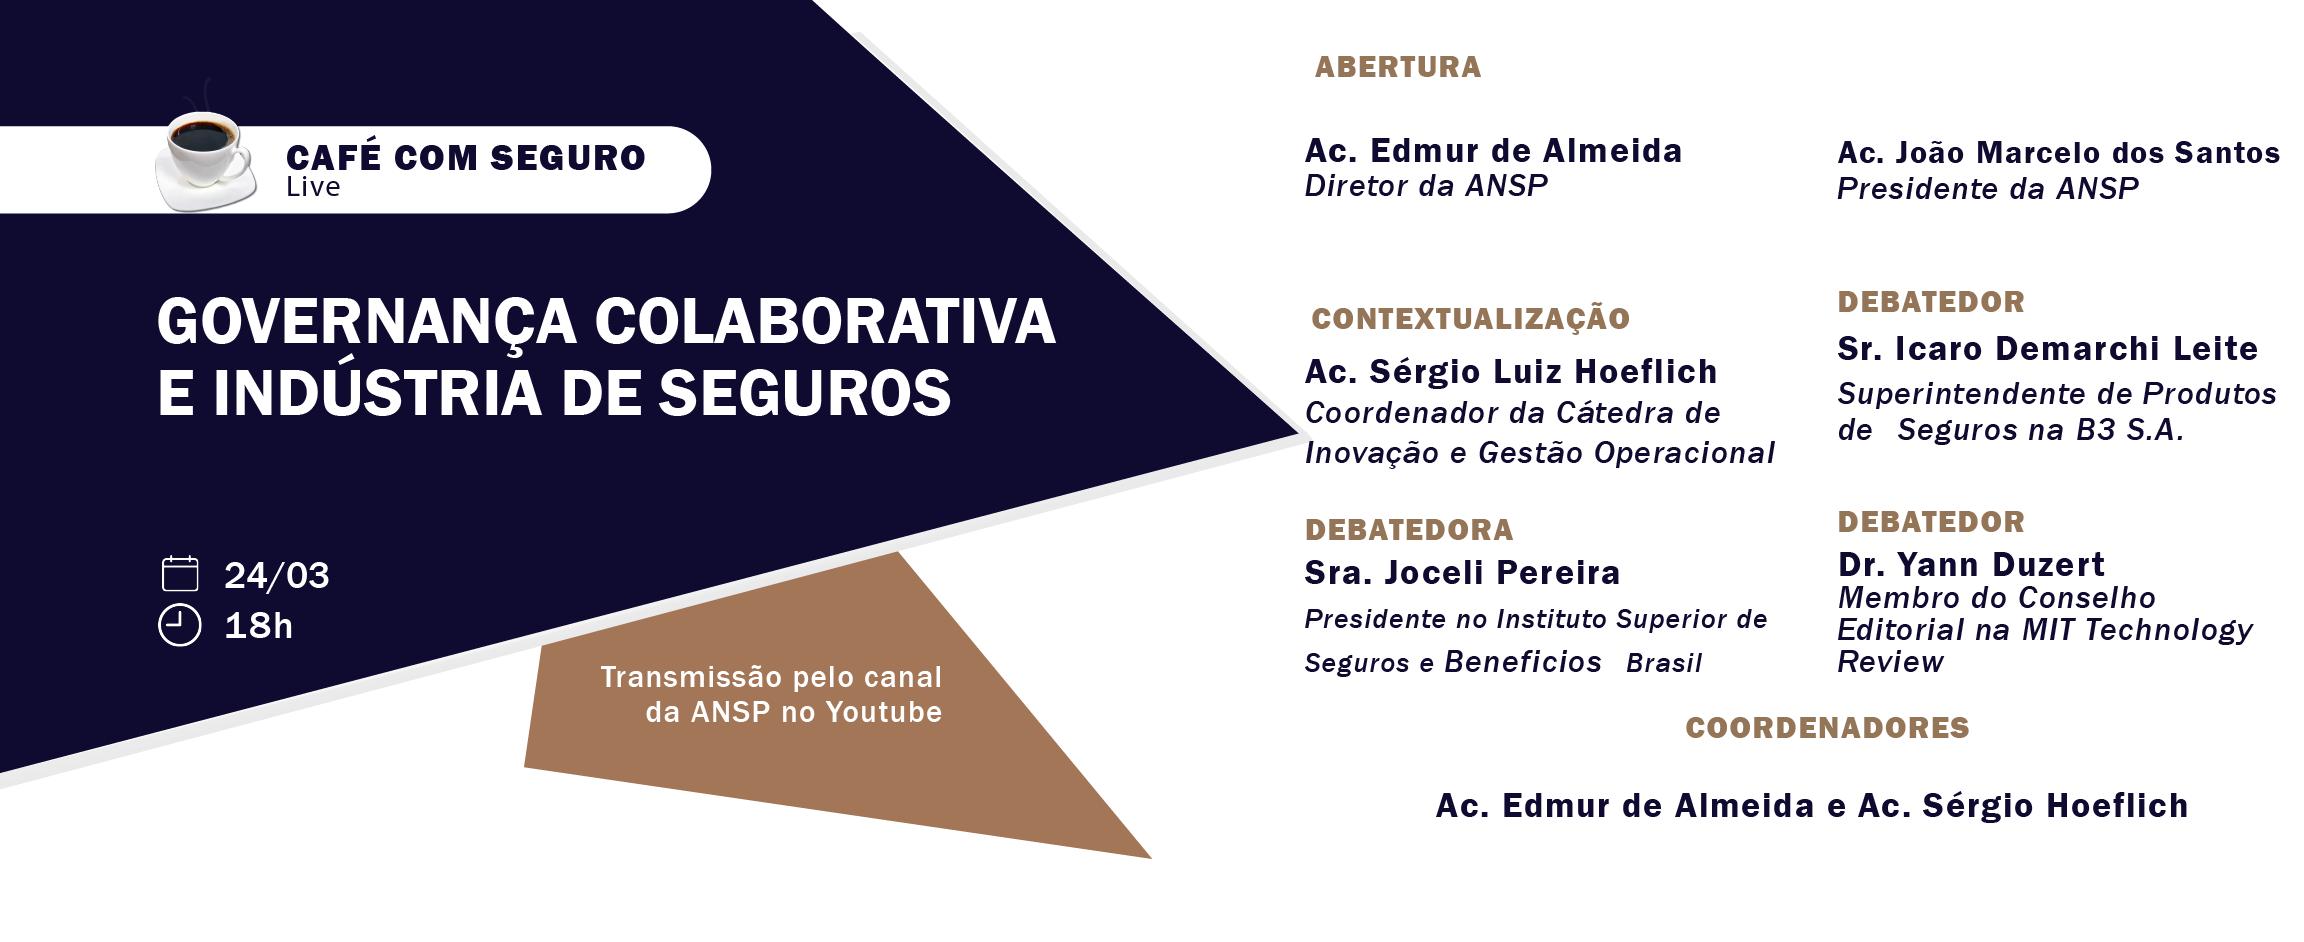 Governança Colaborativa e Indústria de Seguros